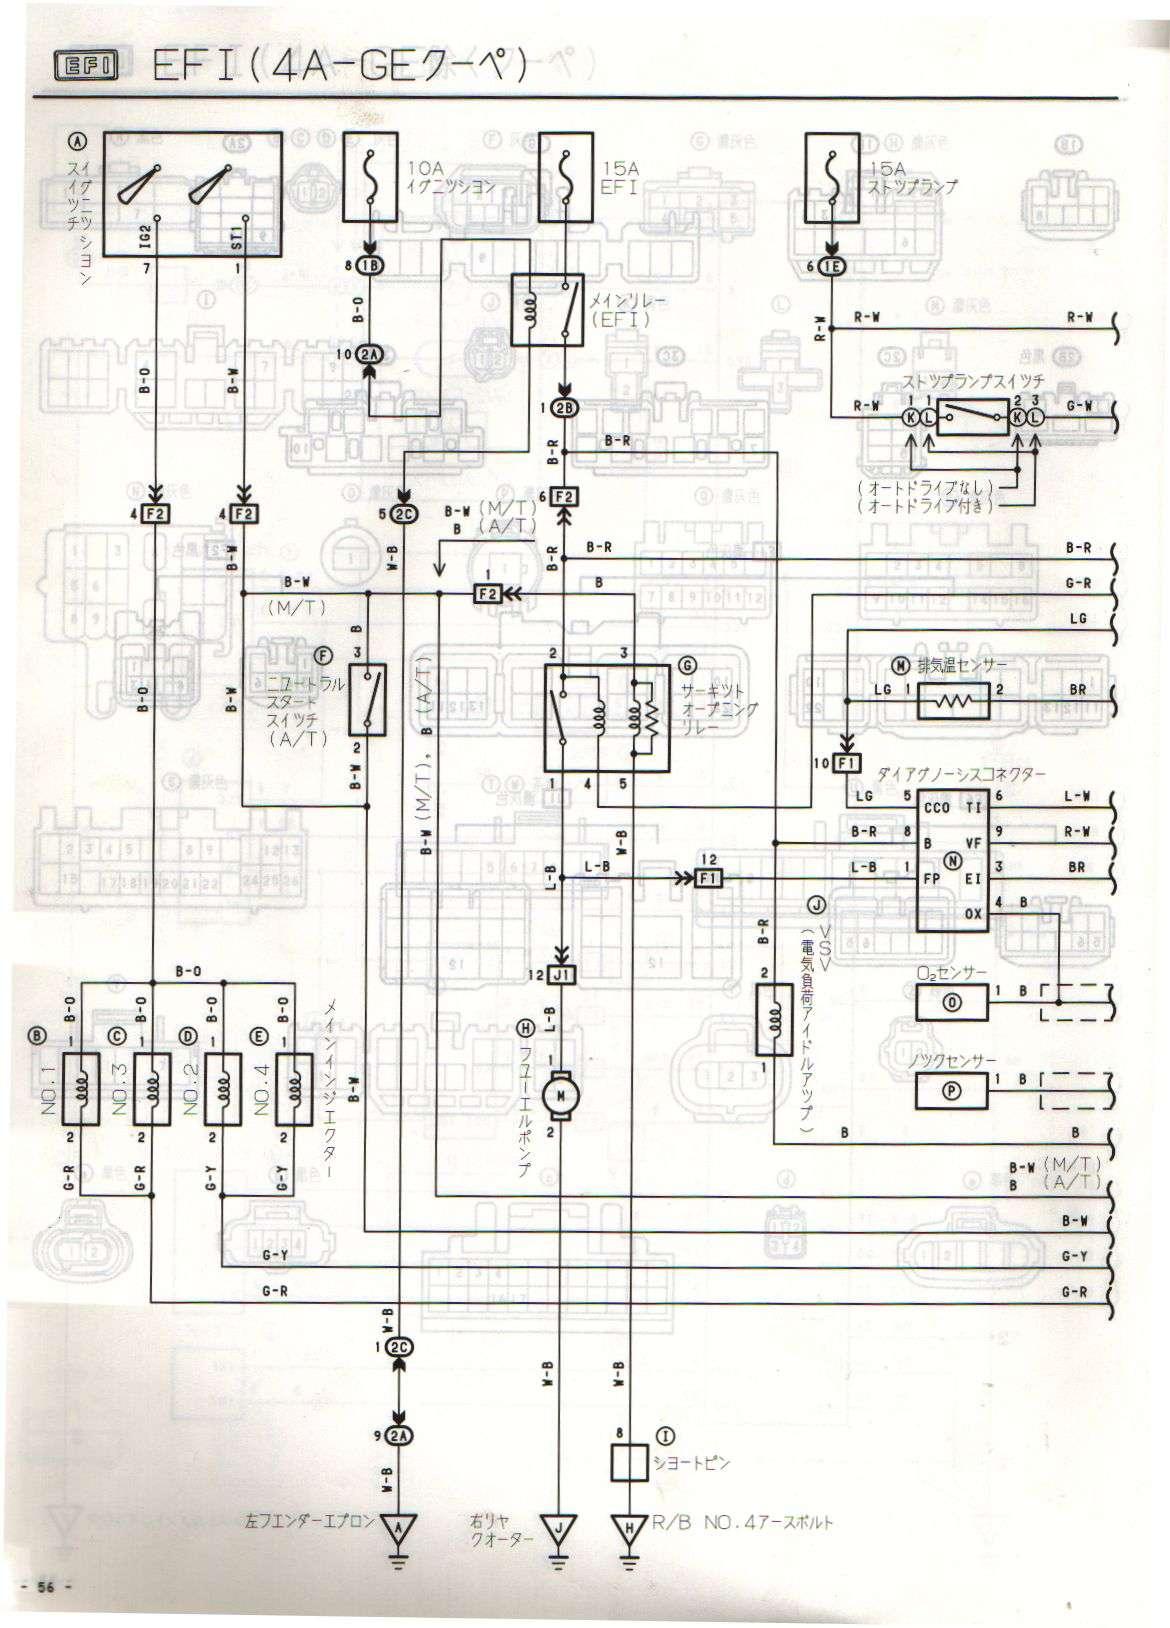 Ke70 Wiring Diagram | Wiring Diagram on power pdf, battery diagram pdf, data sheet pdf, plumbing diagram pdf, body diagram pdf, welding diagram pdf,